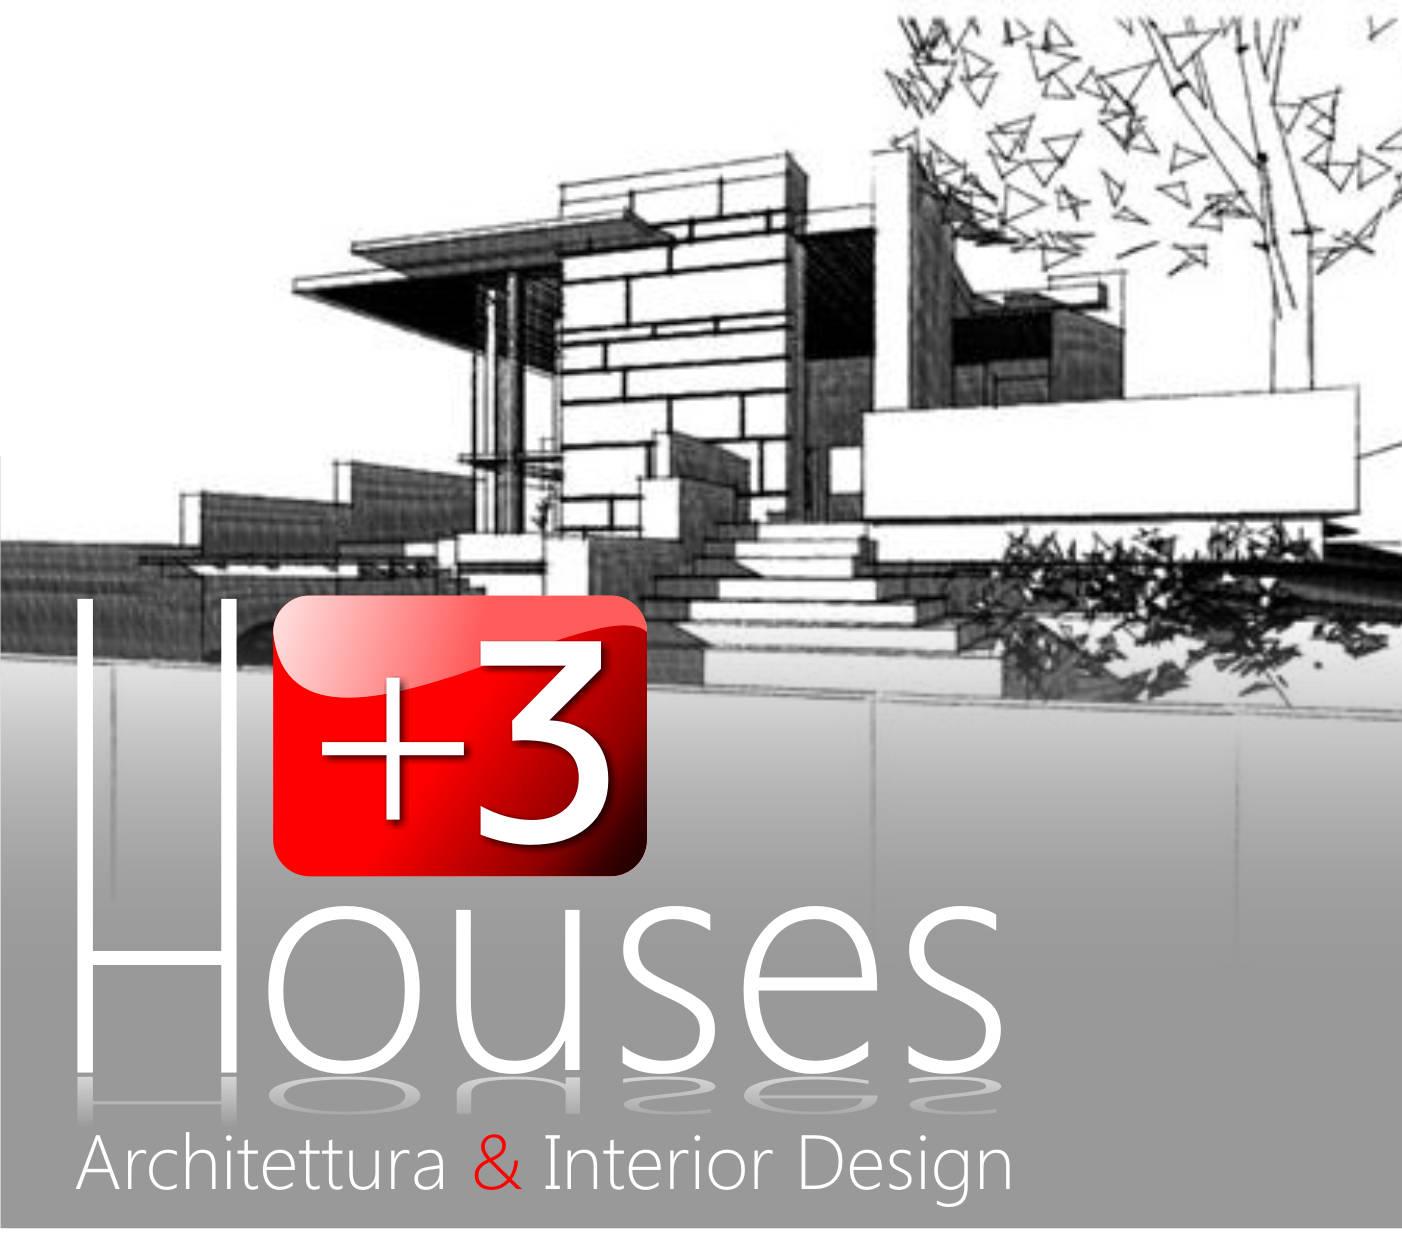 Studio Di Architettura & Interior Design - Arch. Stefano Proietti